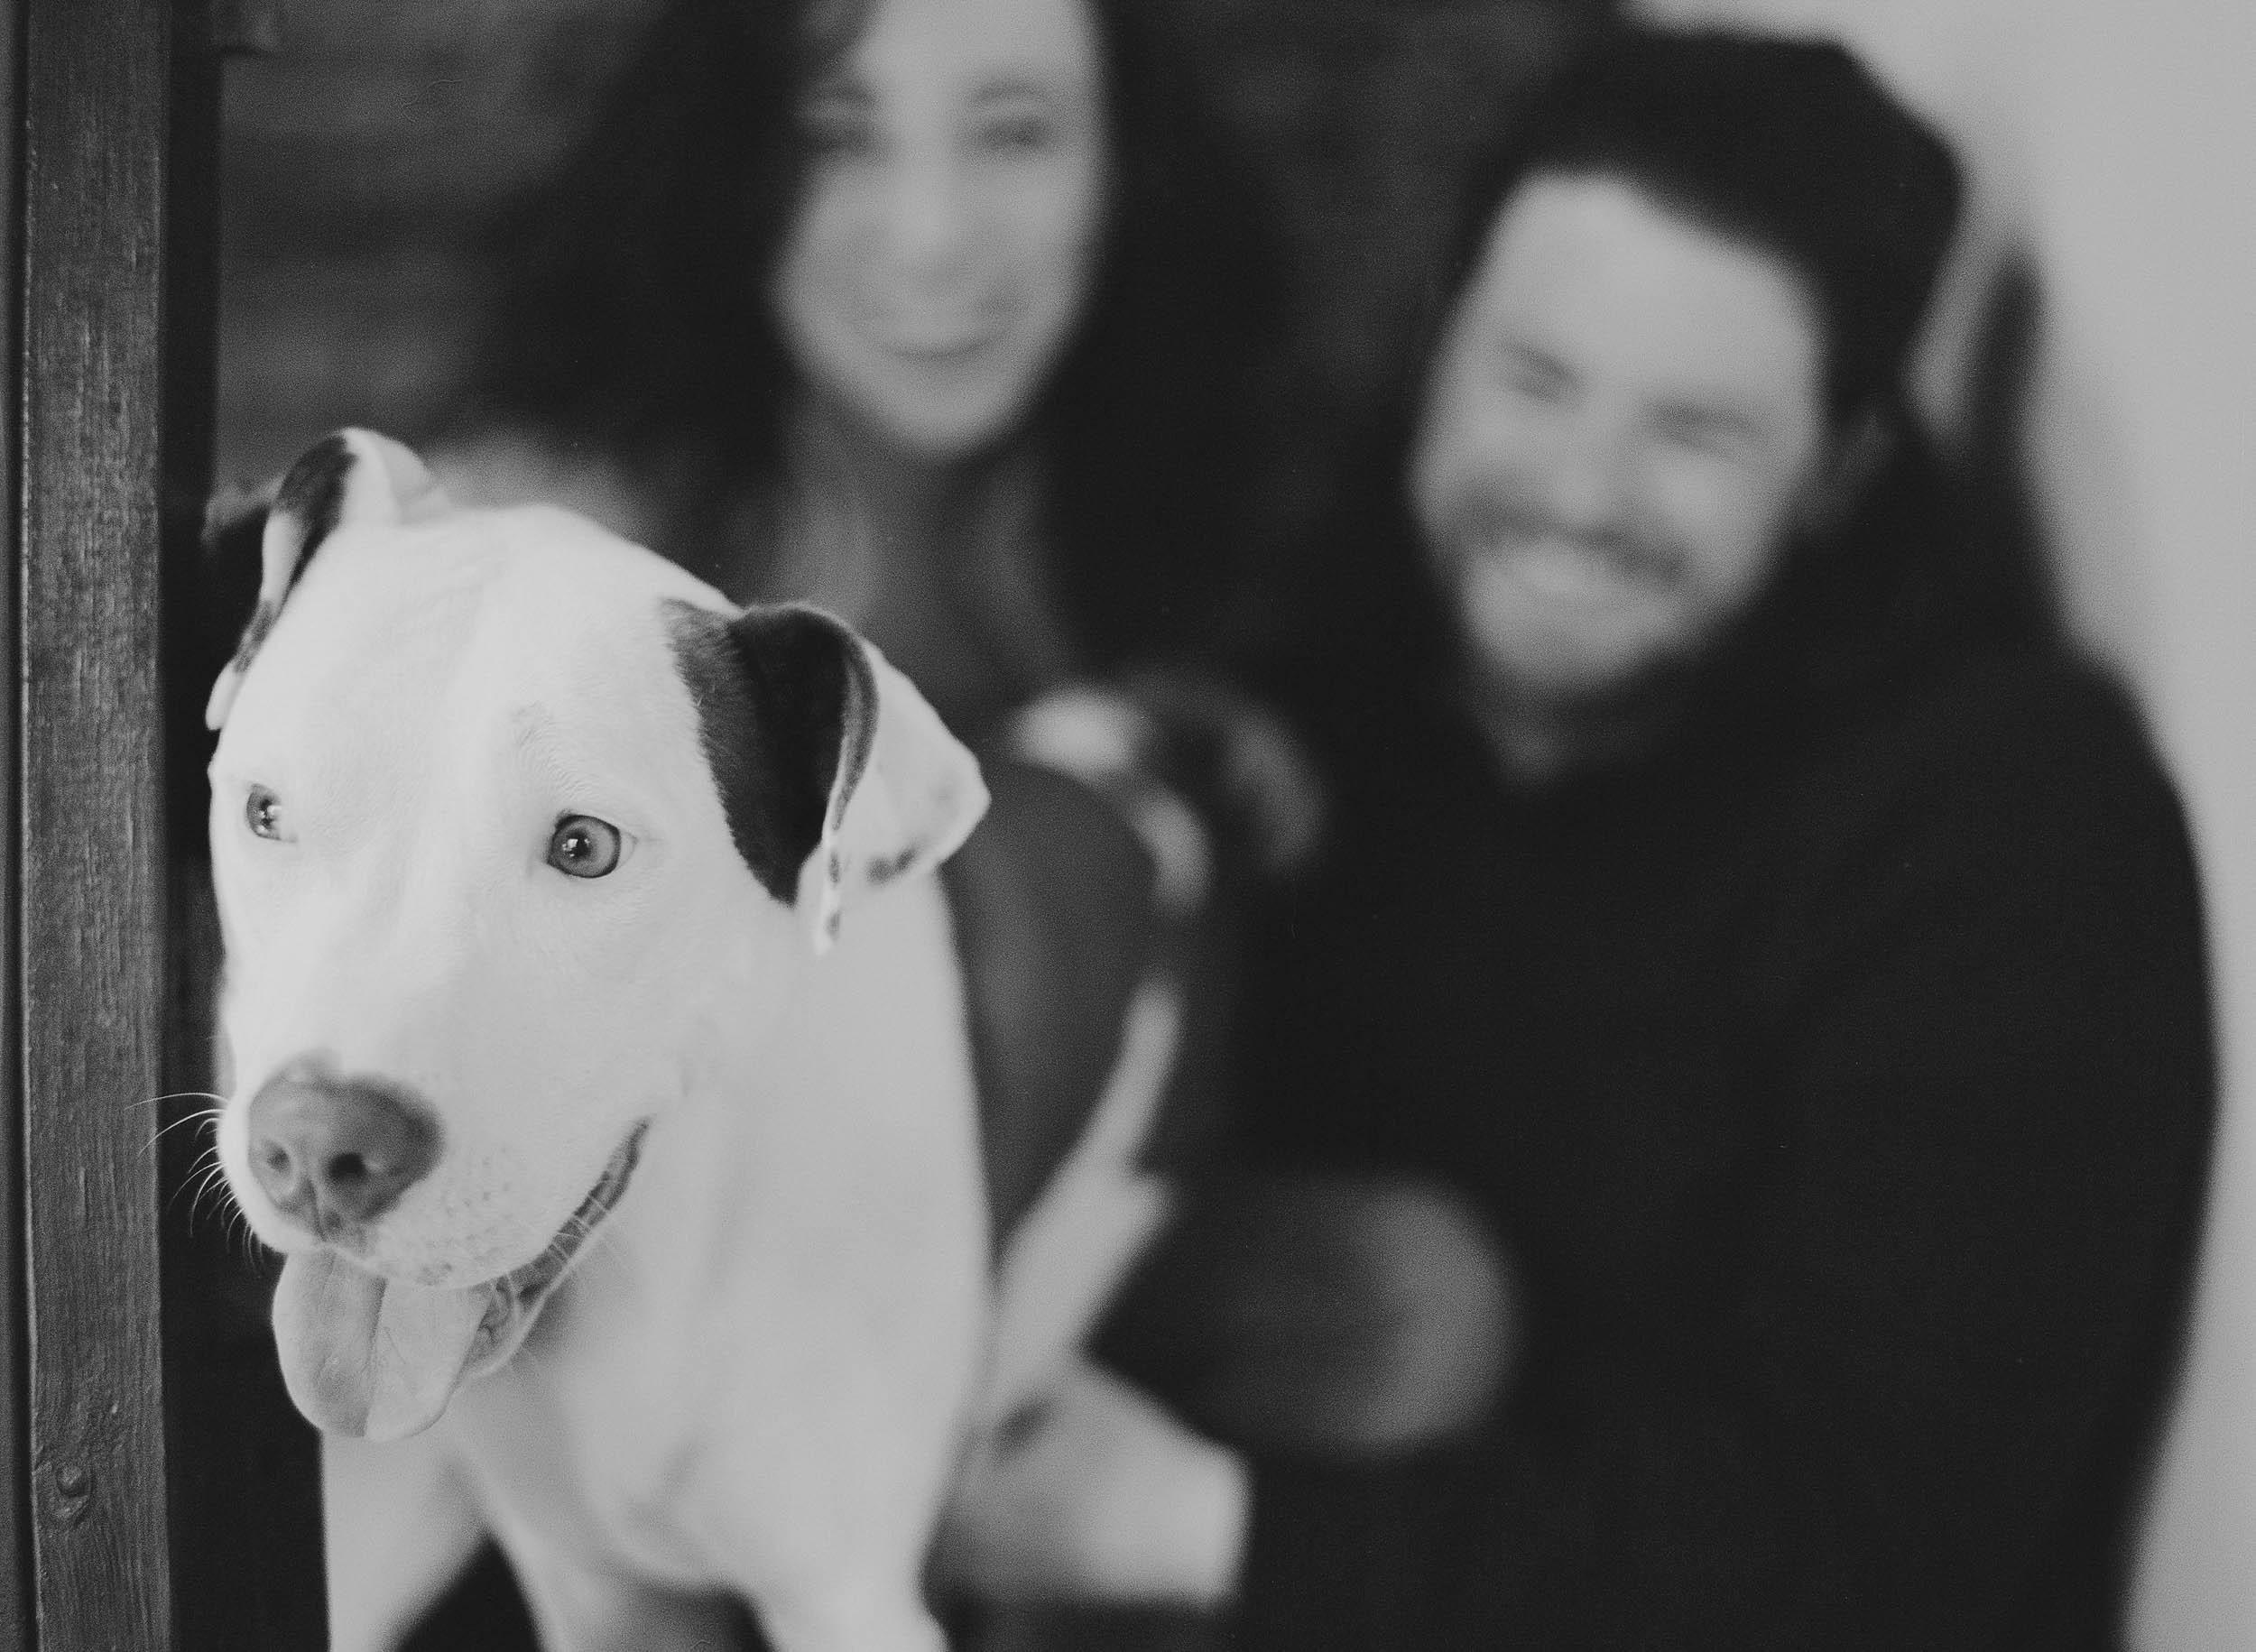 Kristen-Humbert-Family-Photoshoot-Philadelphia_Ruby-James-W-2-49.jpg